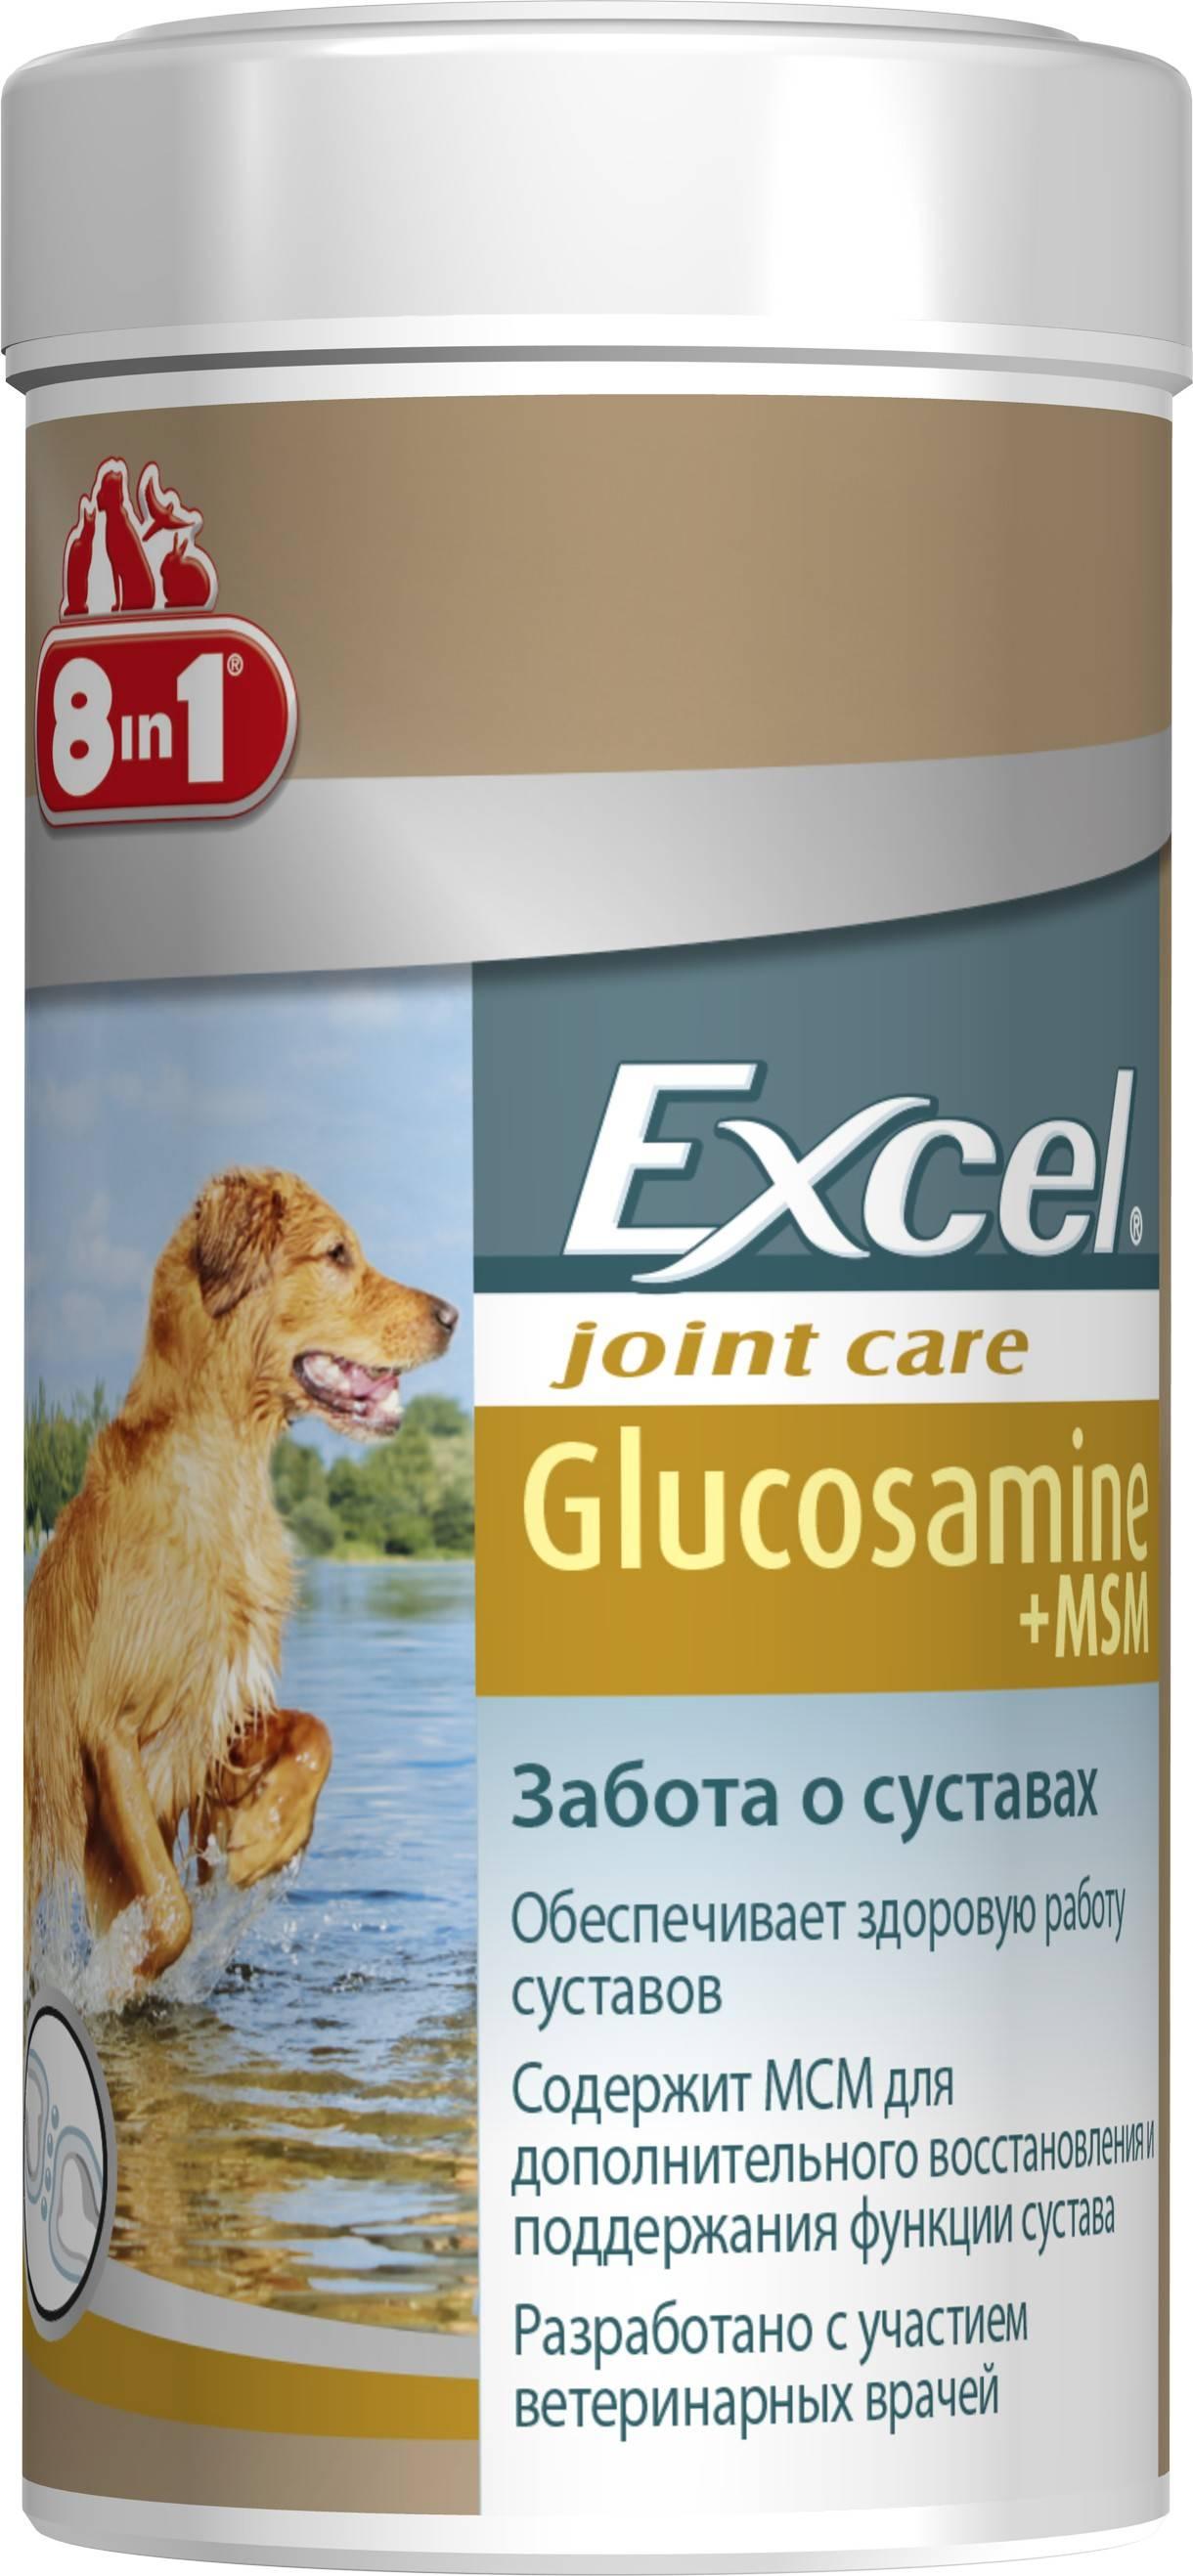 8in1 Excel Glucosamine MCM – витаминный комплекс для поддержания здоровья и подвижности суставов взрослых и пожилых собак